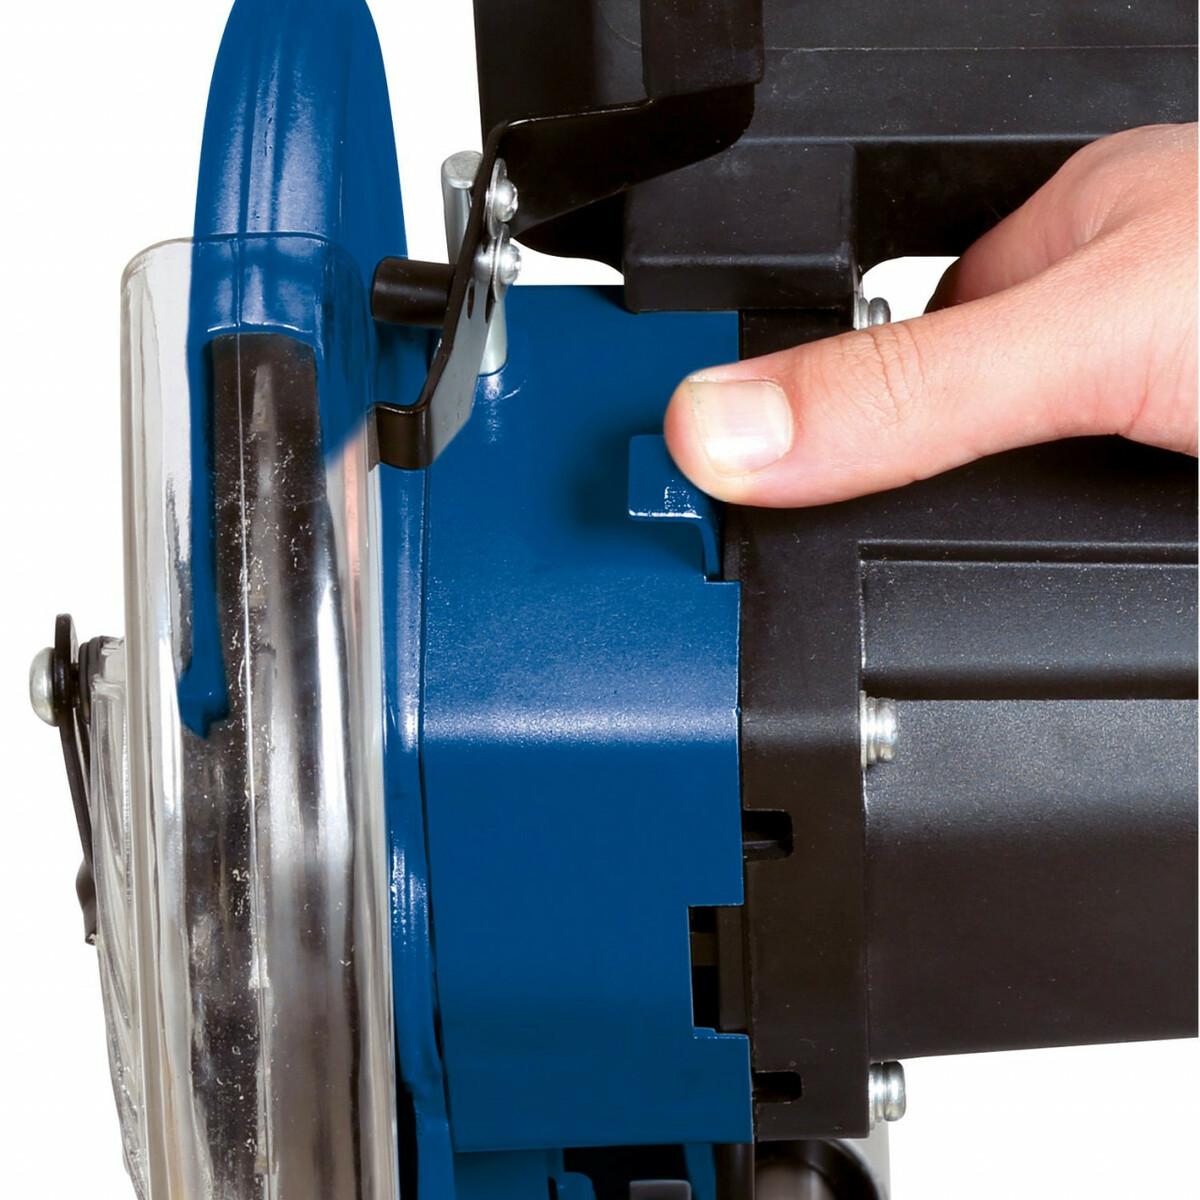 Bild 3 von Einhell Zug-Kapp Gehrungssäge mit Laser und Drehtisch